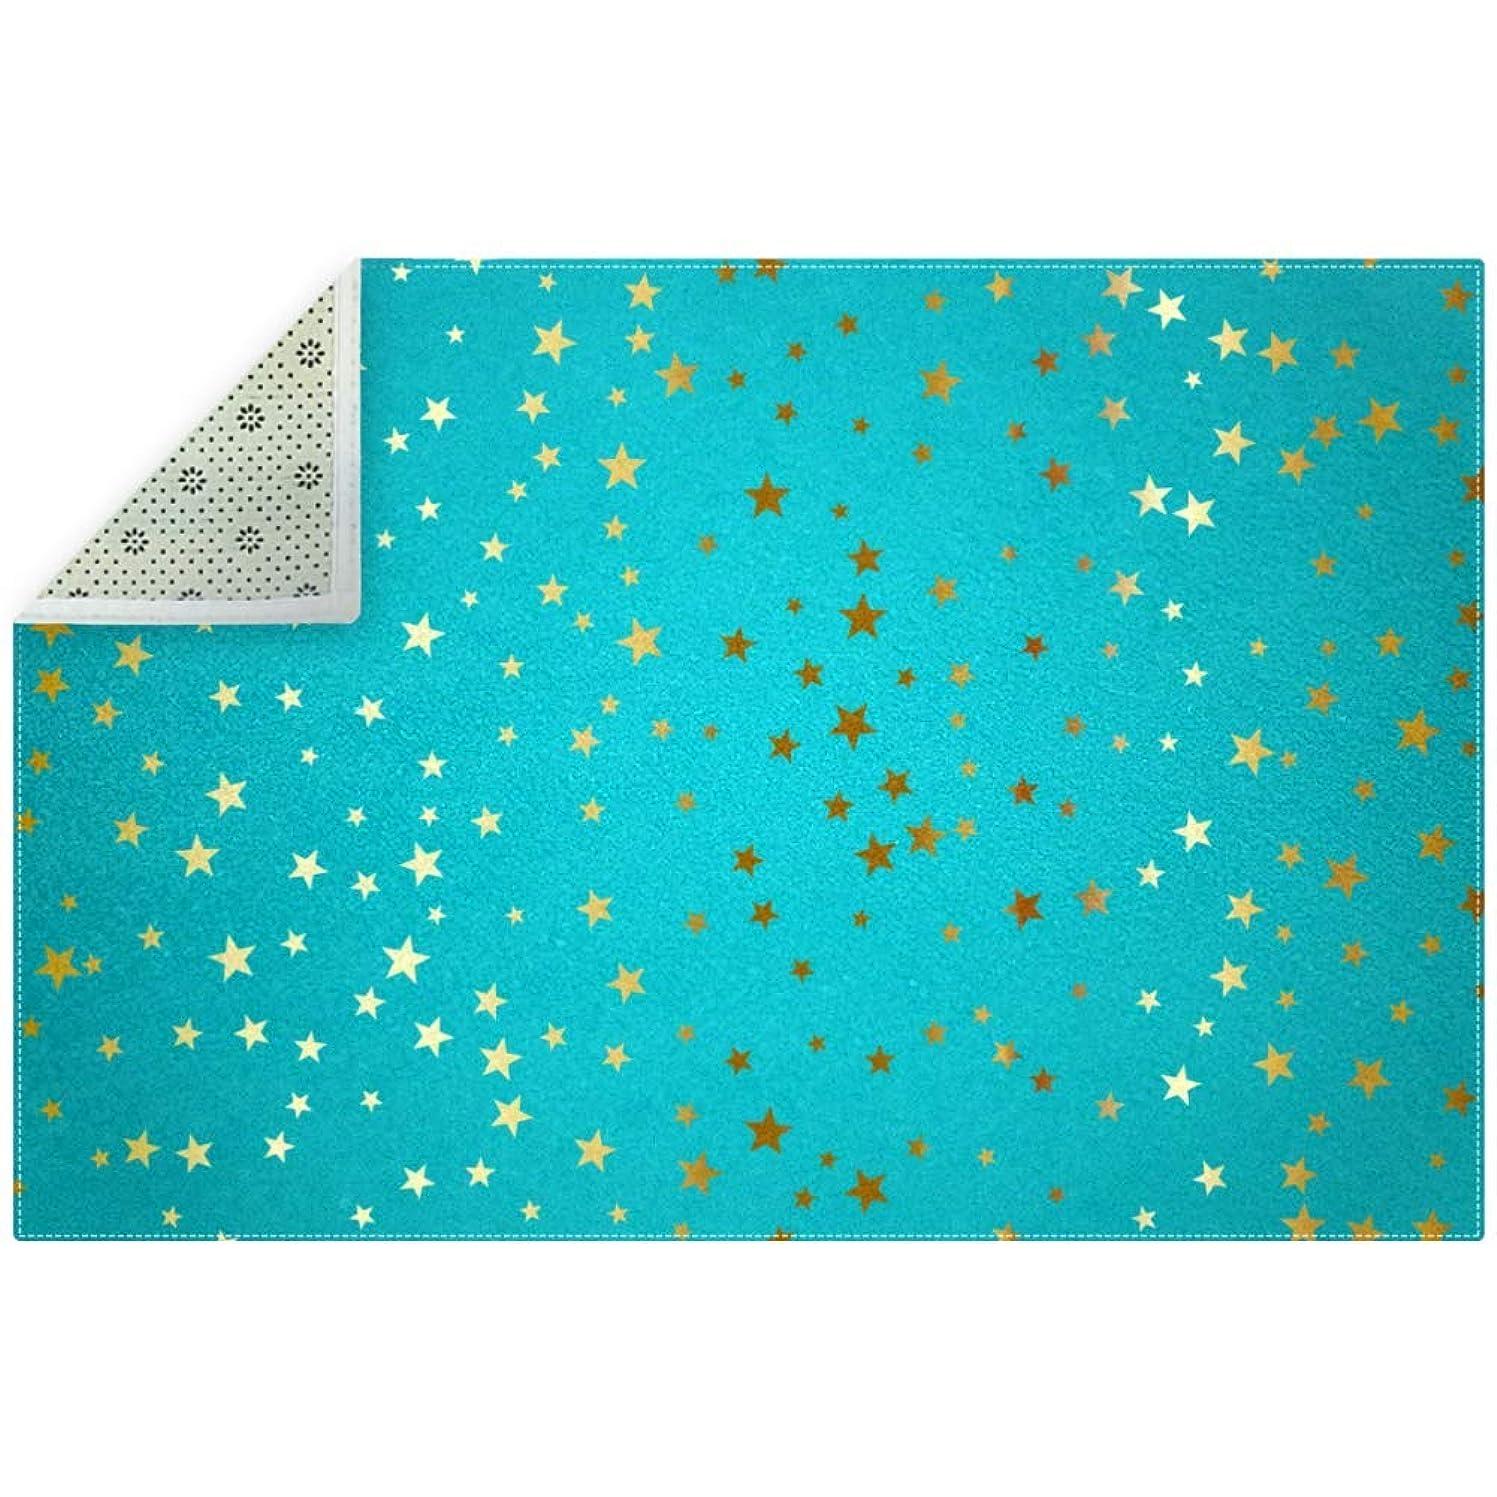 に慣れ日記仲介者AyuStyle カーペット ラグマット ホットカーペット ラグ 絨毯 滑り止め 洗える ウォッシャブル 抗菌防臭 リビング 床暖房 長方形 200×150cm